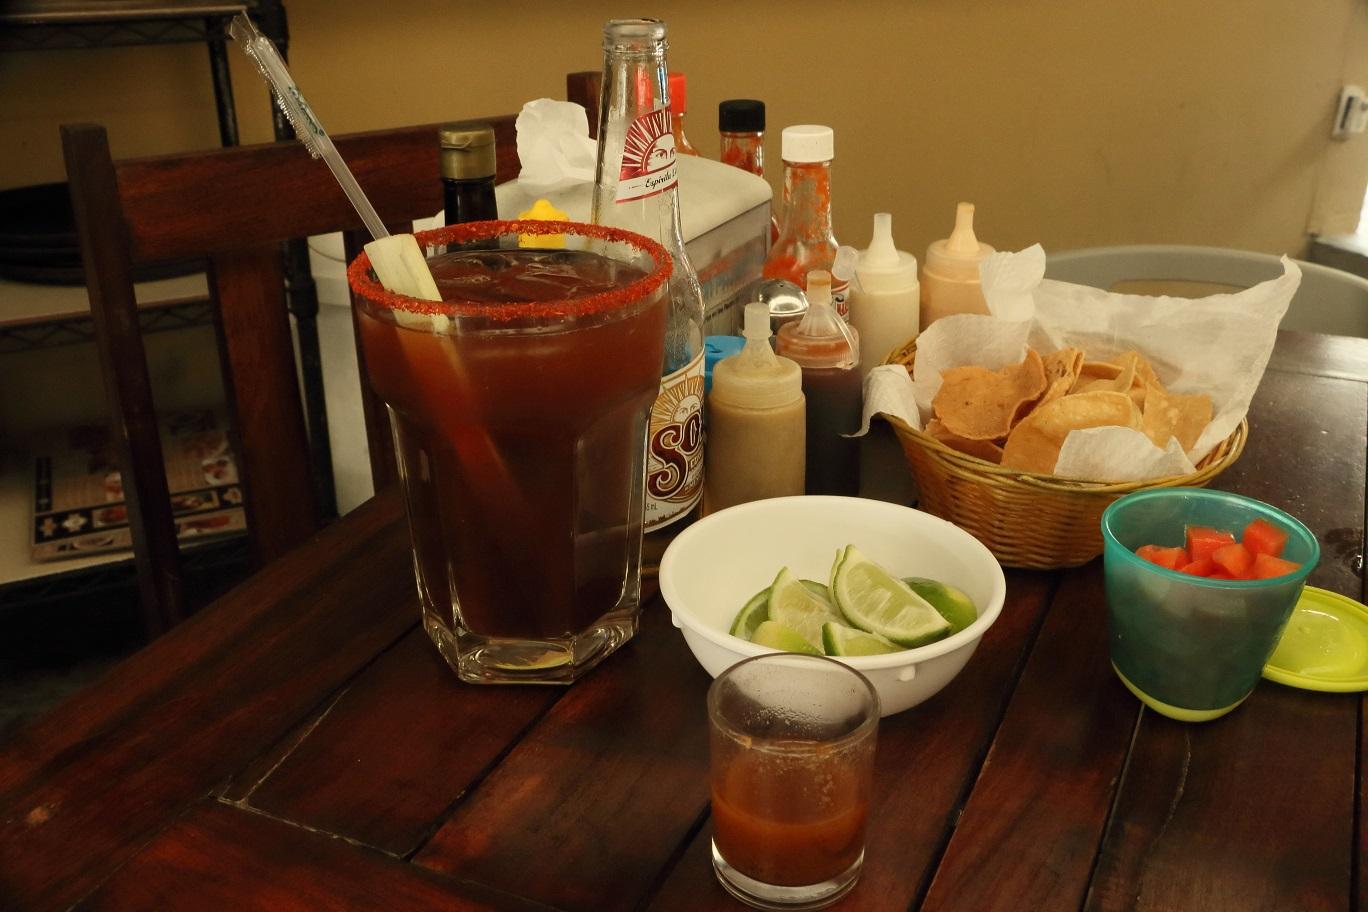 A clamato nevü ital időnként michelada néven is fut. Paradicsomlé, csili, lime, jég, és ebbe töltik a sört. A pohár szélén sóréteg van, de szerencsére lehet szívószállal is inni